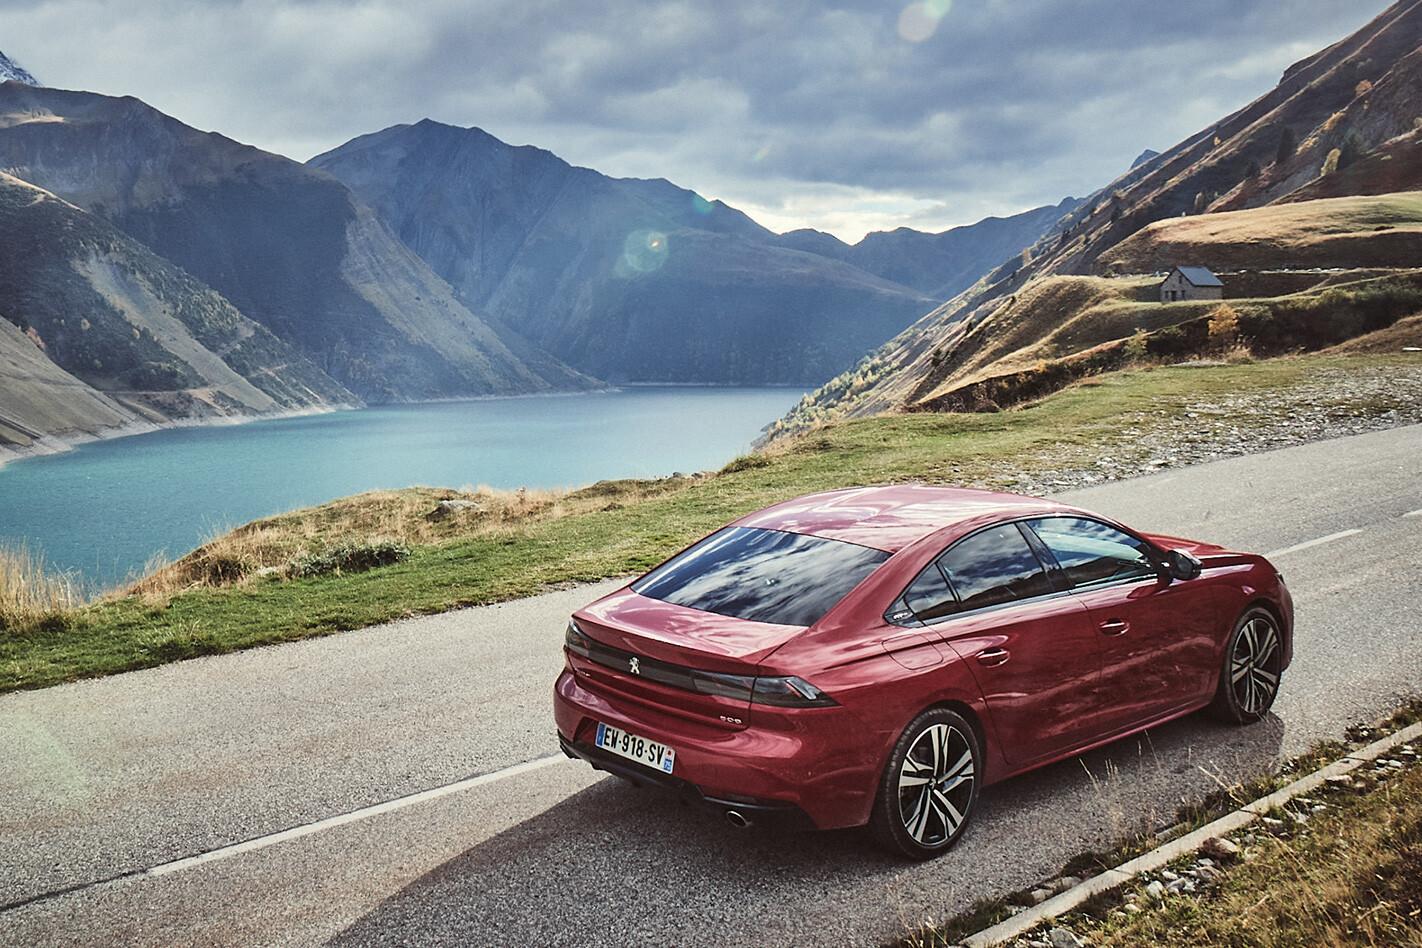 Peugeot 508 Lake Jpg